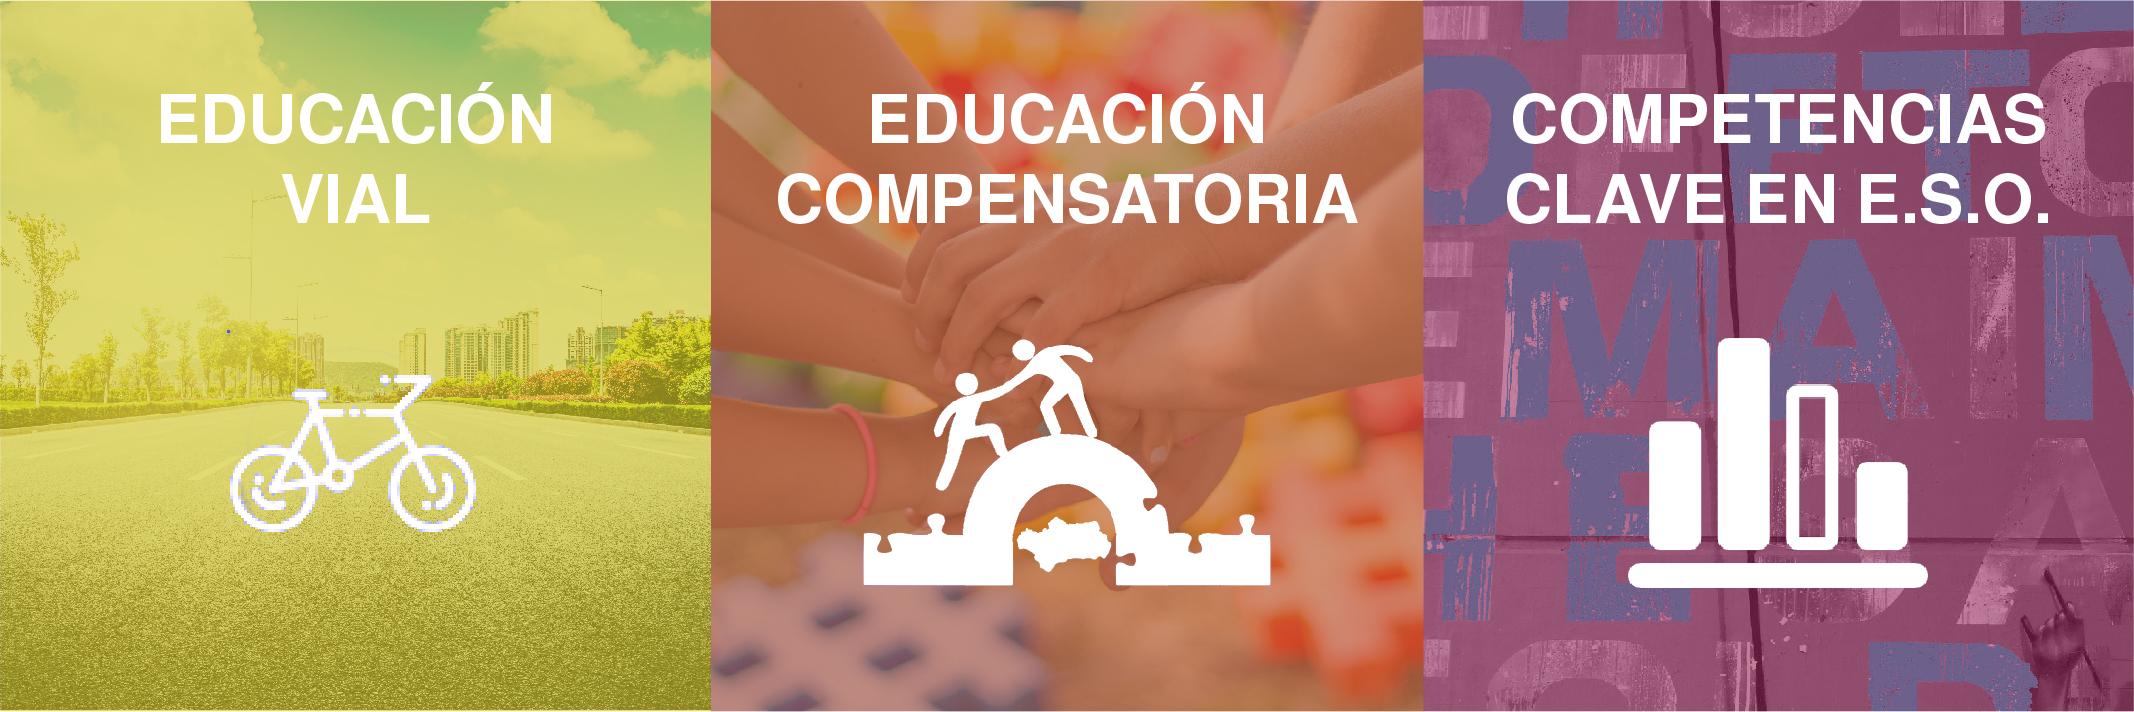 Buenas prácticas educativas (Educación vial, Educación compensatoria, Competencias clave en ESO)